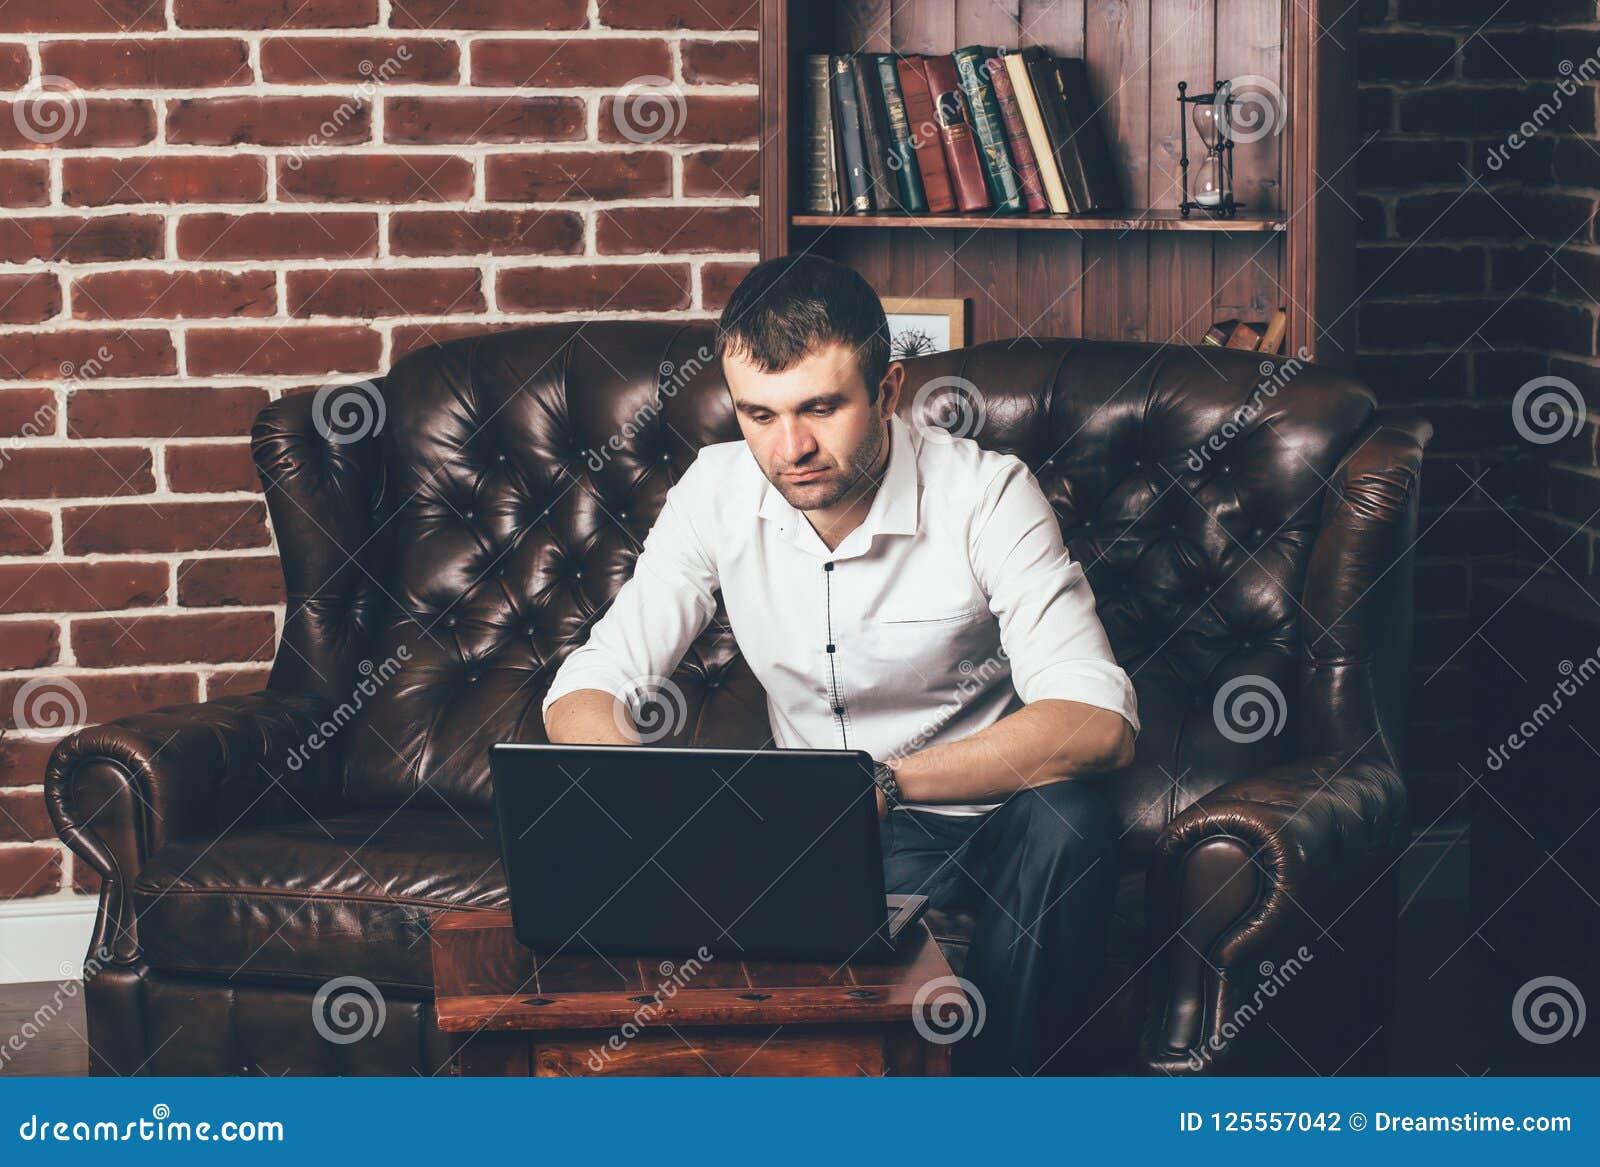 Ein Mann sitzt auf einem luxuriösen Sofa und arbeitet hinter einem Laptop in seinem Büro auf dem Hintergrund des Bücherregals